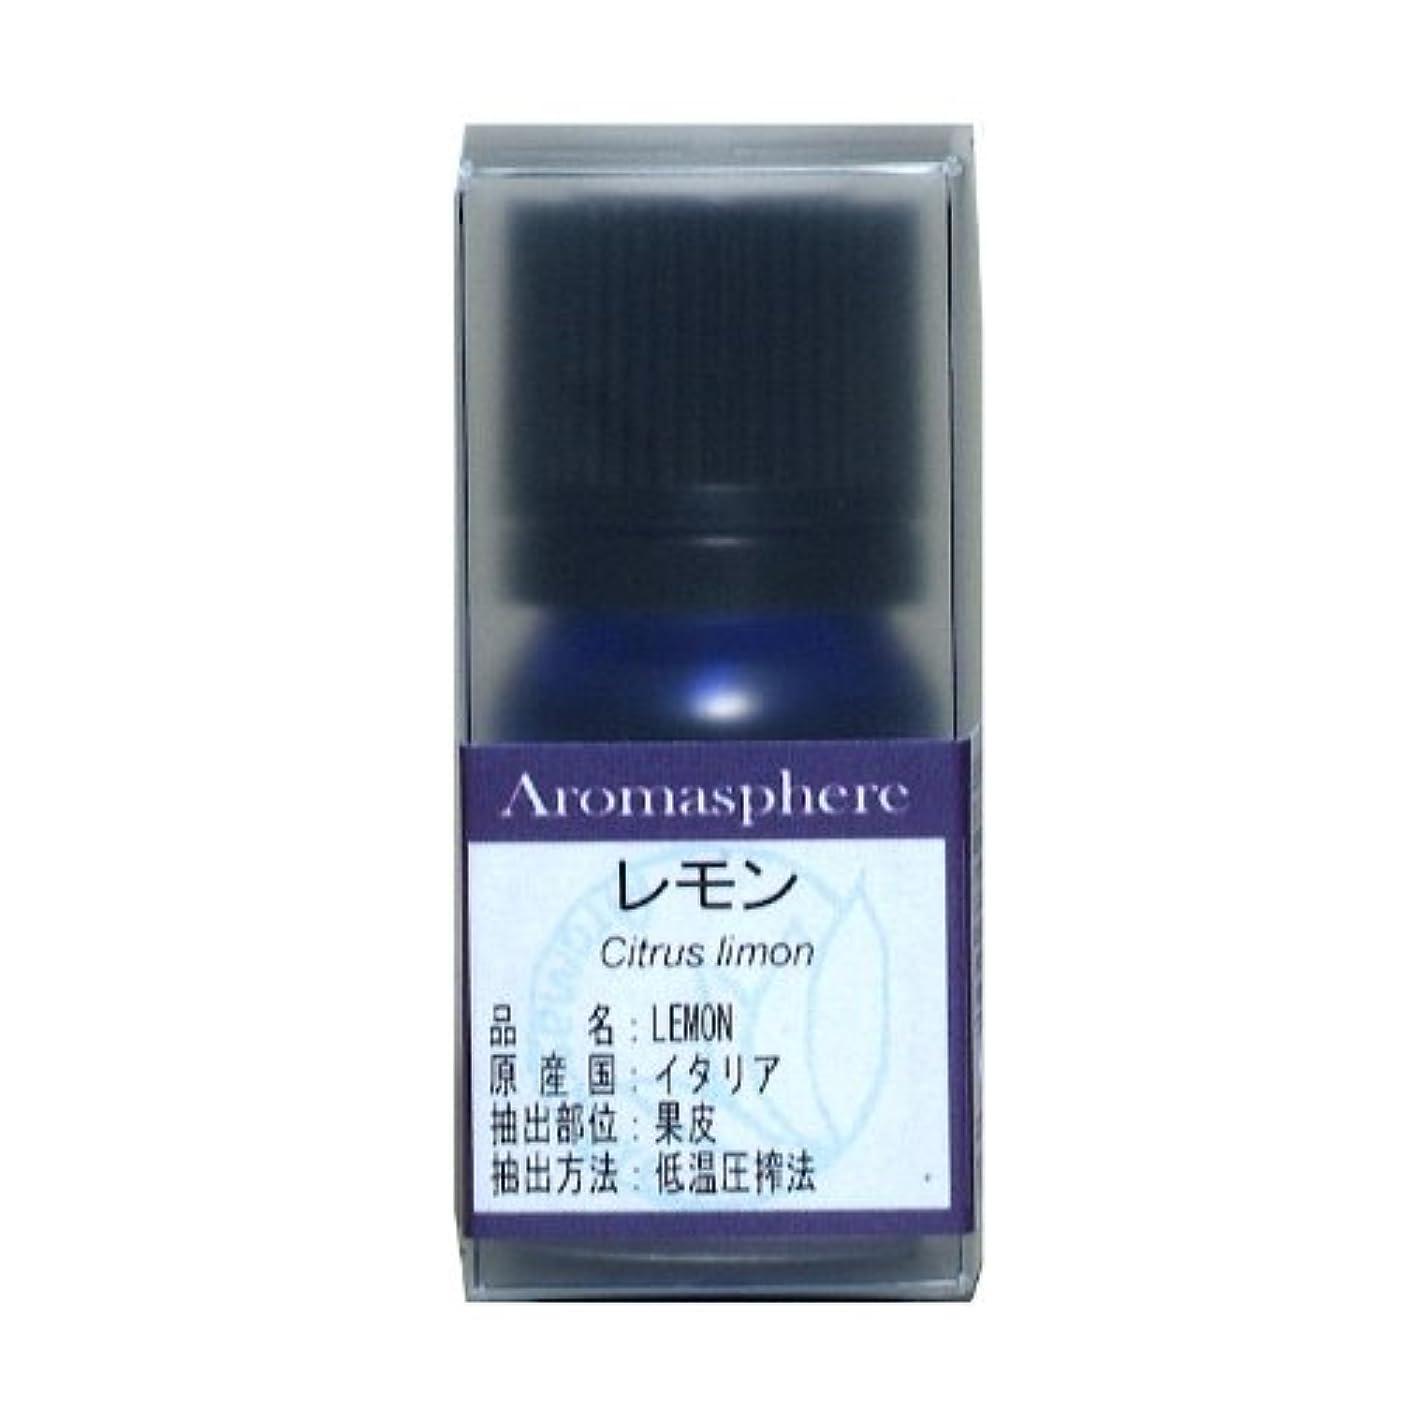 立法メンテナンス素晴らしい【アロマスフィア】レモン 5ml エッセンシャルオイル(精油)